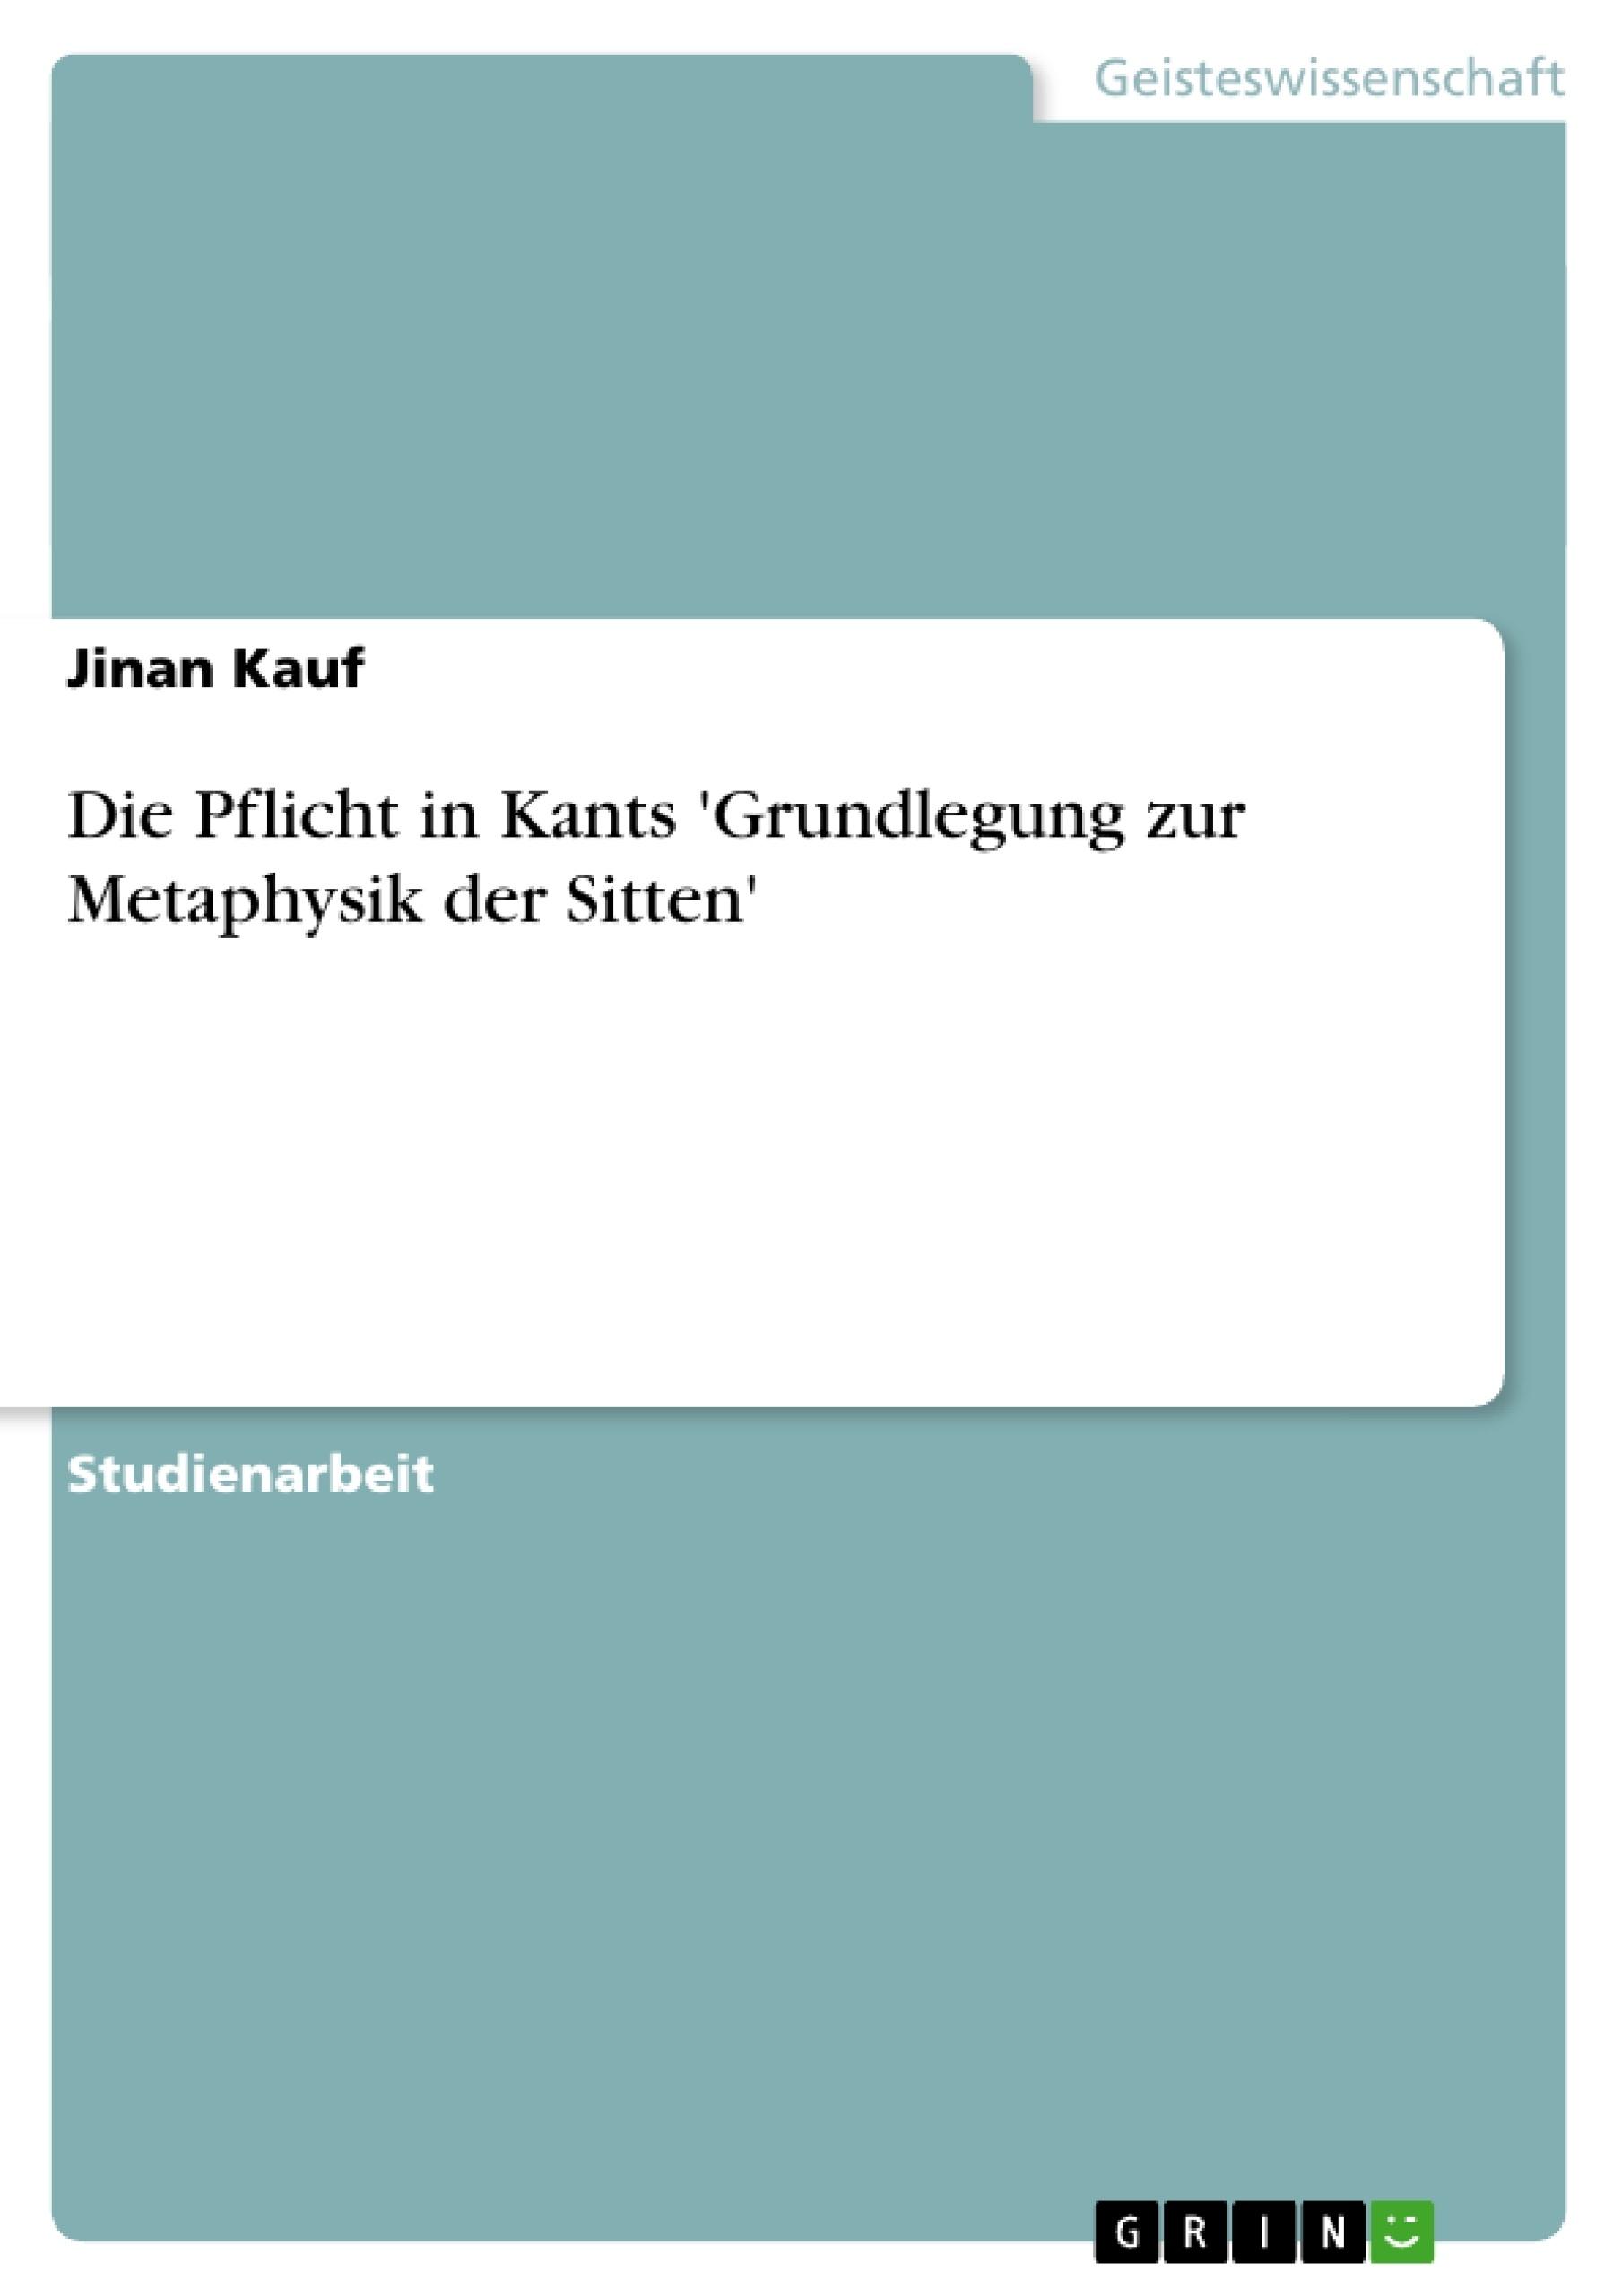 Titel: Die Pflicht in Kants 'Grundlegung zur Metaphysik der Sitten'